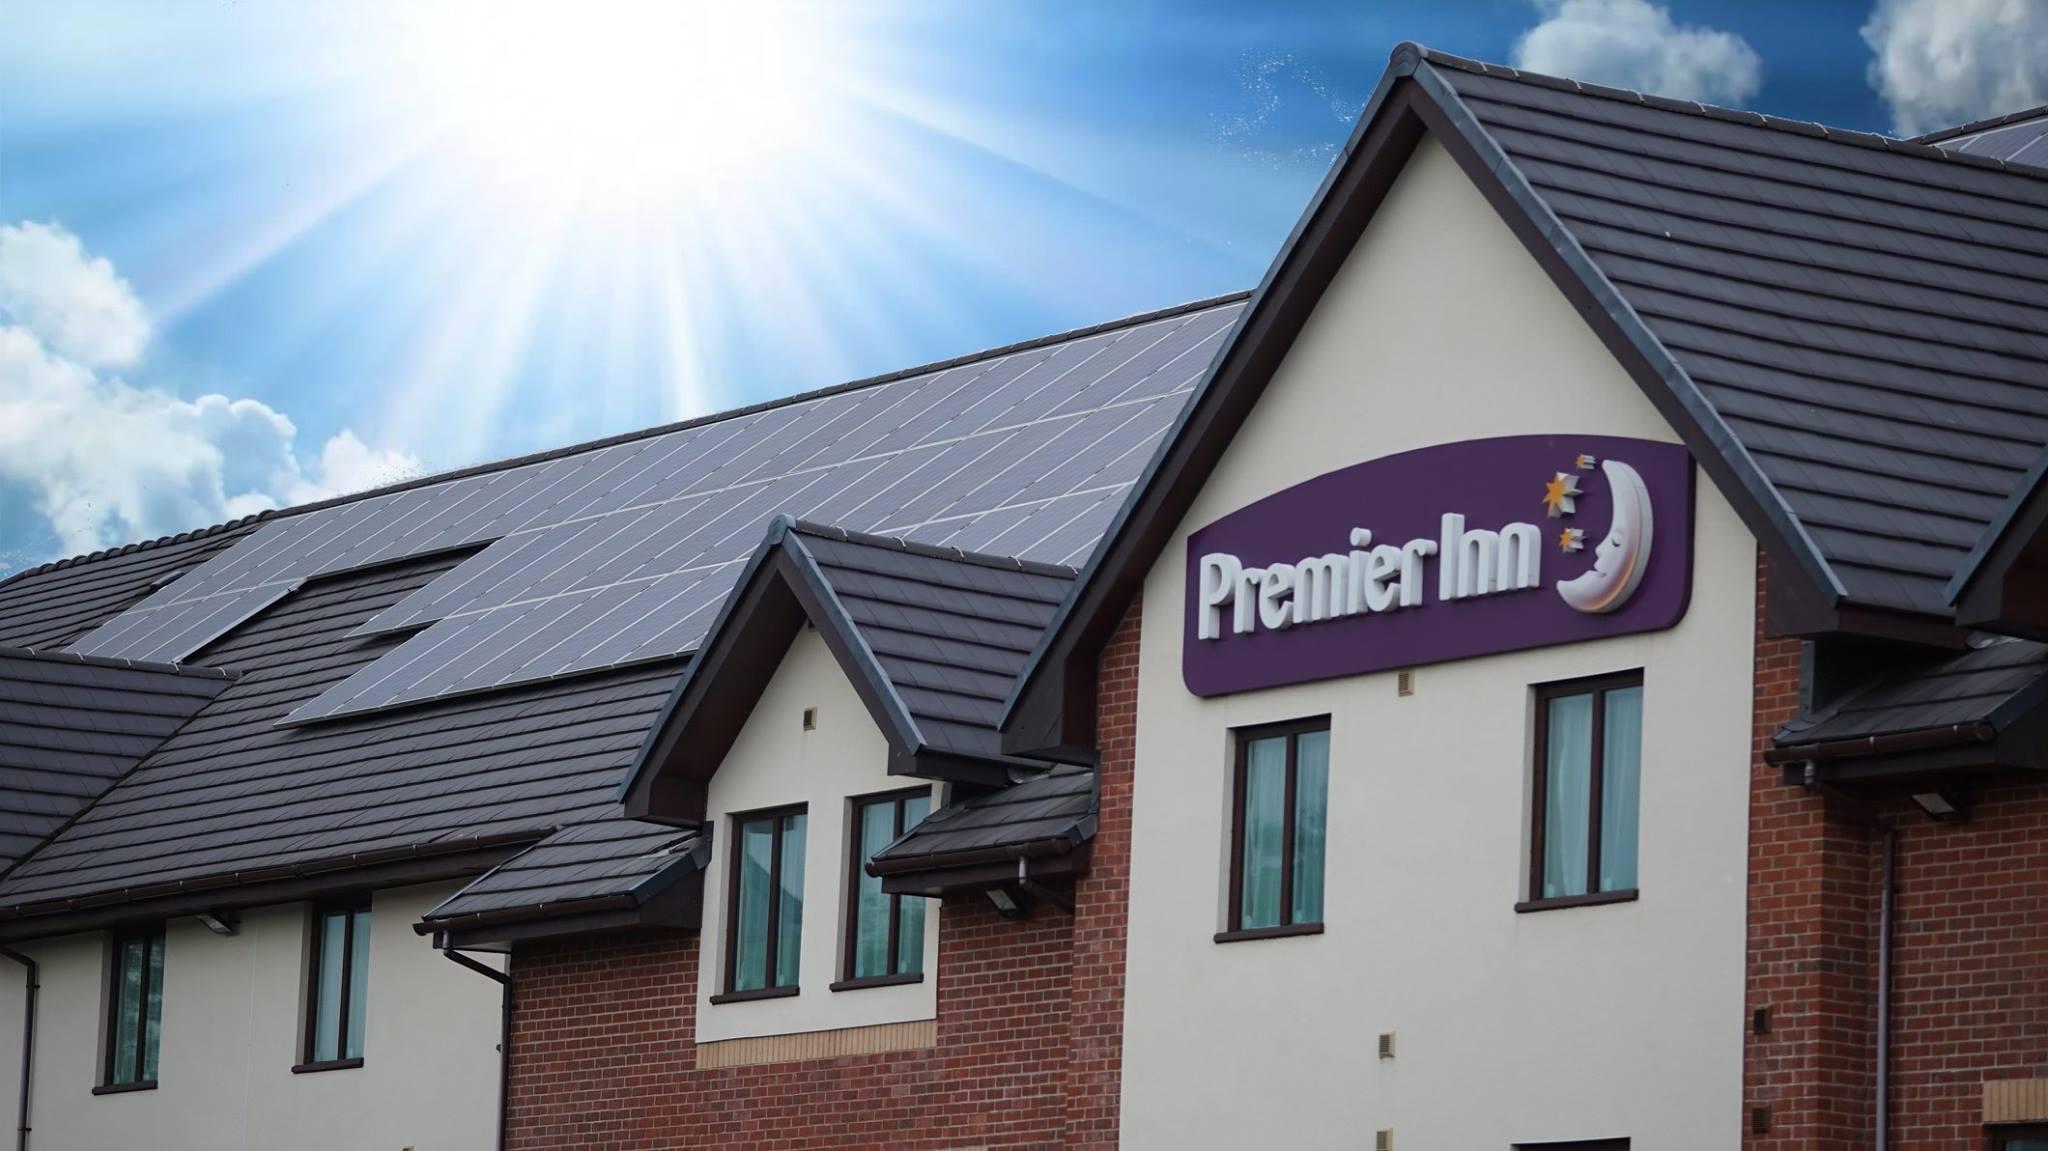 Whitbread Premier Inn